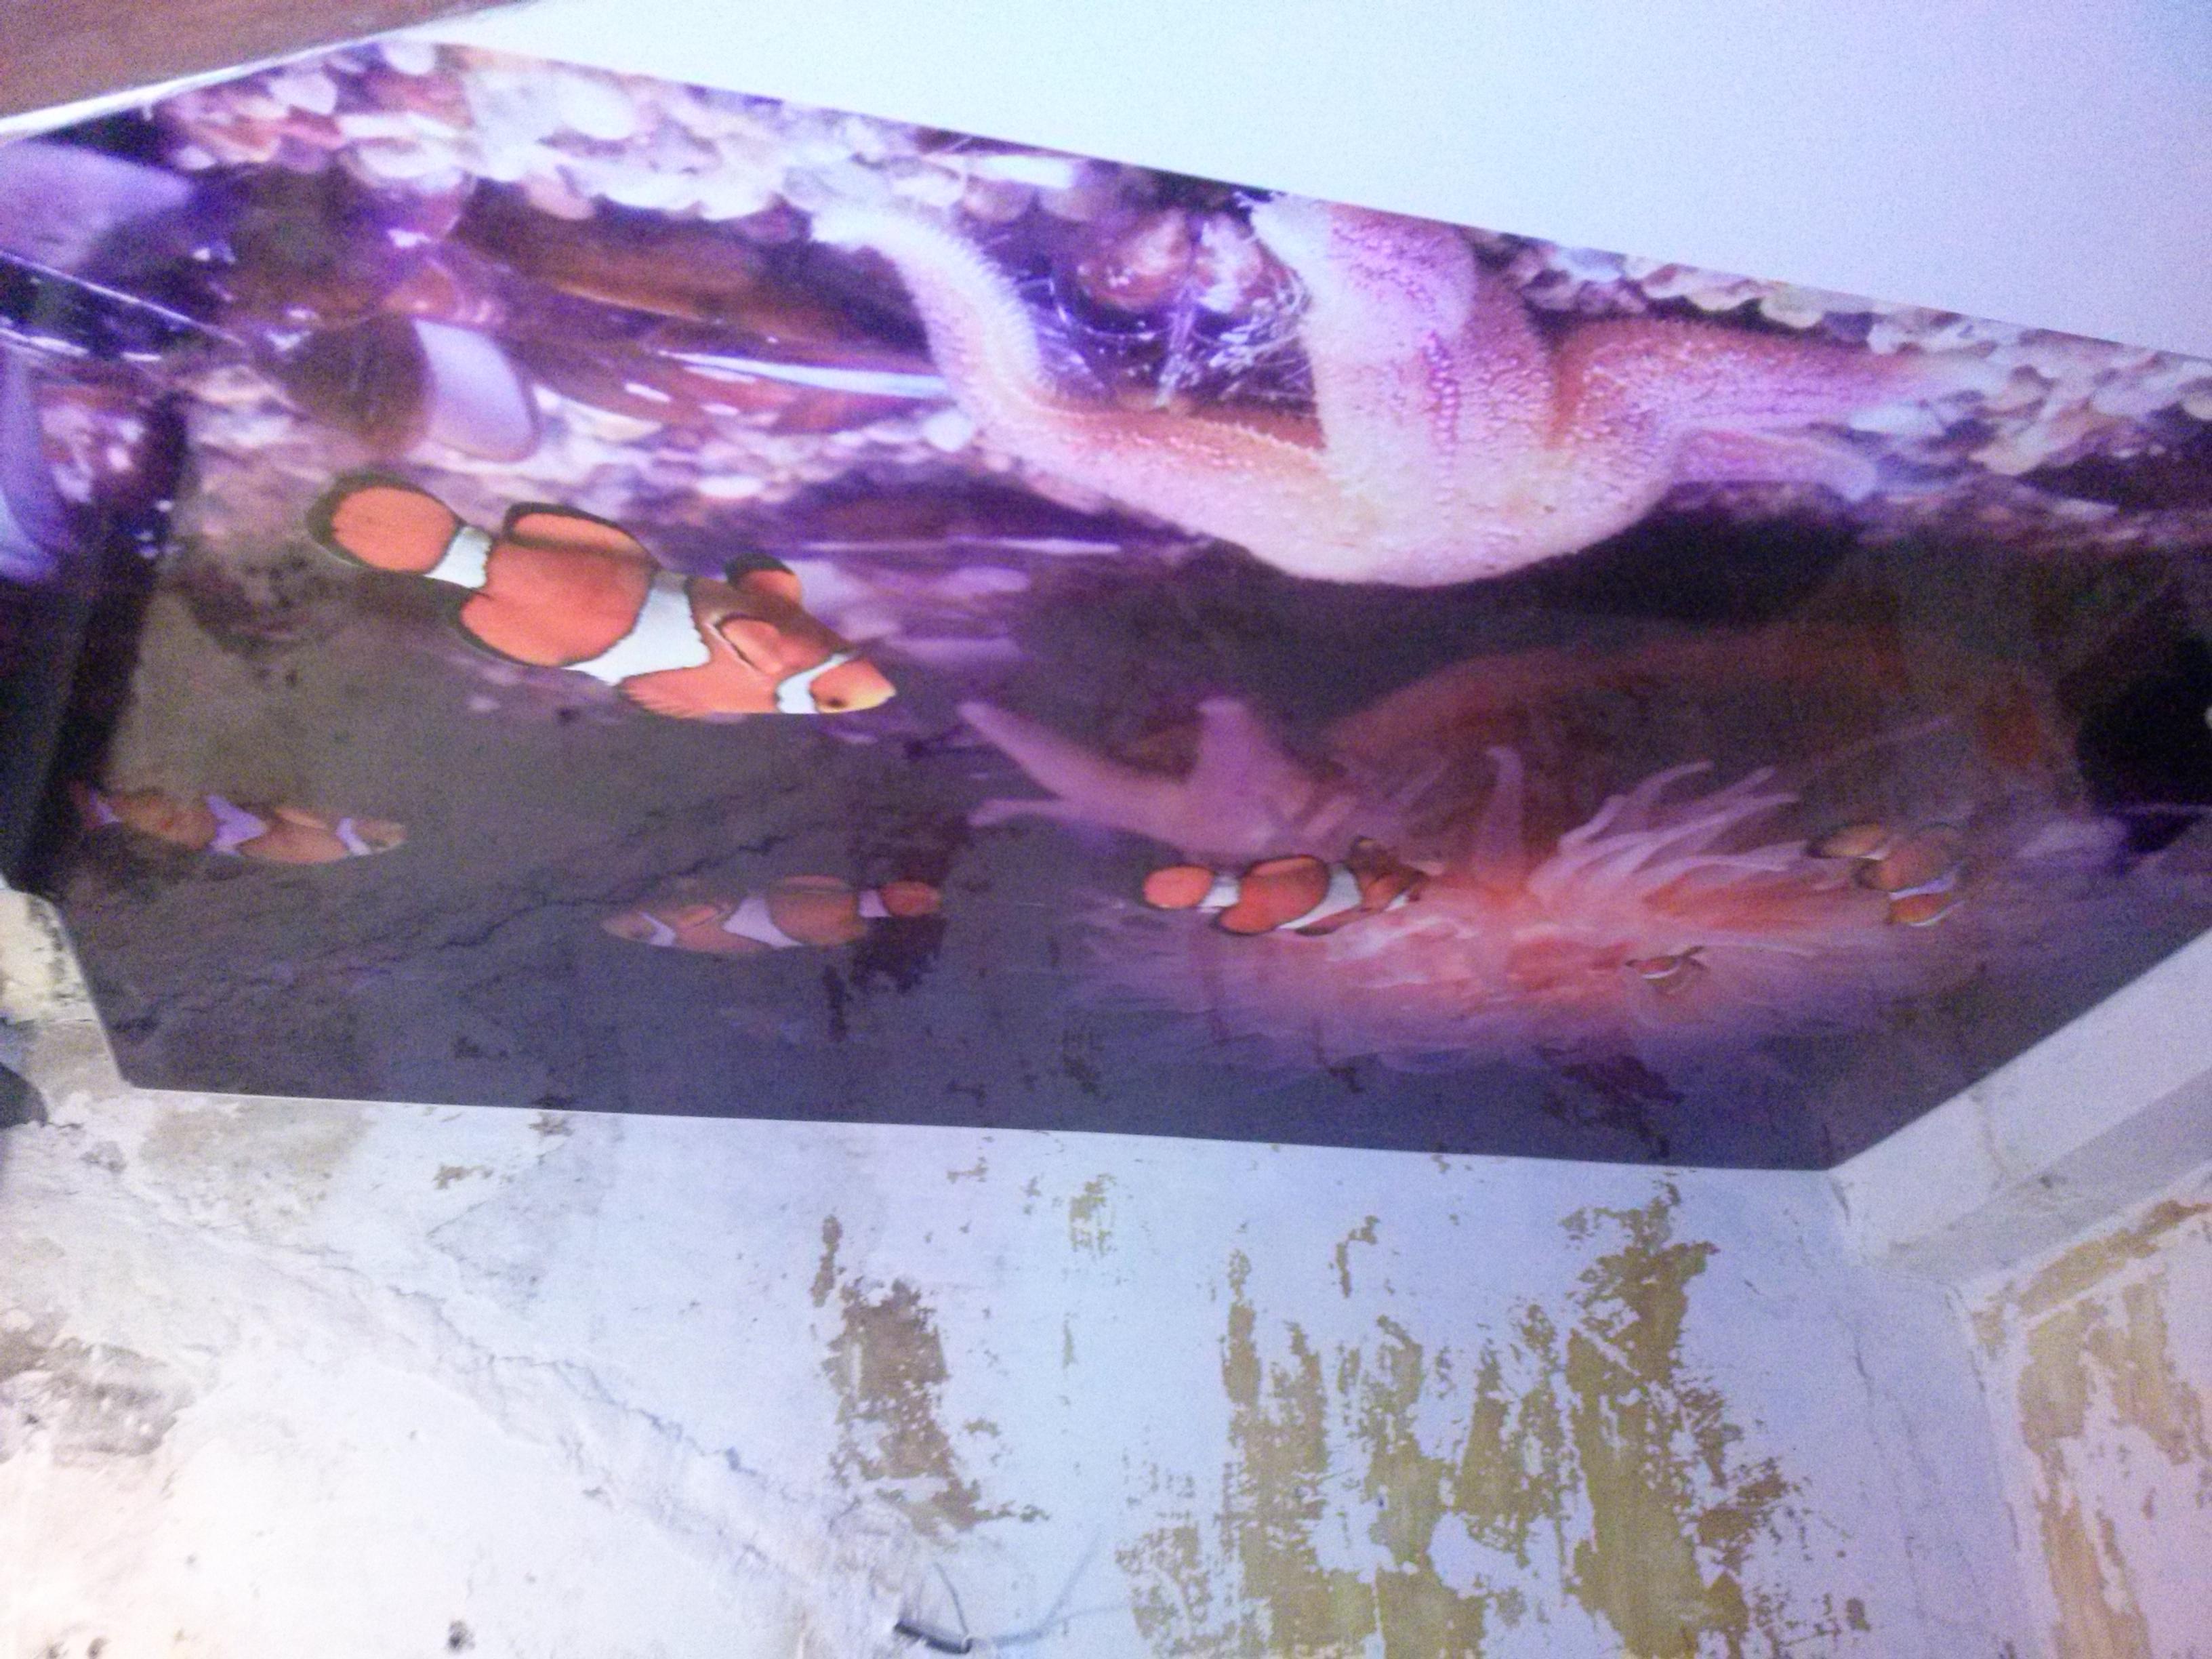 натяжные потолки фото глянцевые тканевые двухуровневые В Воронеже